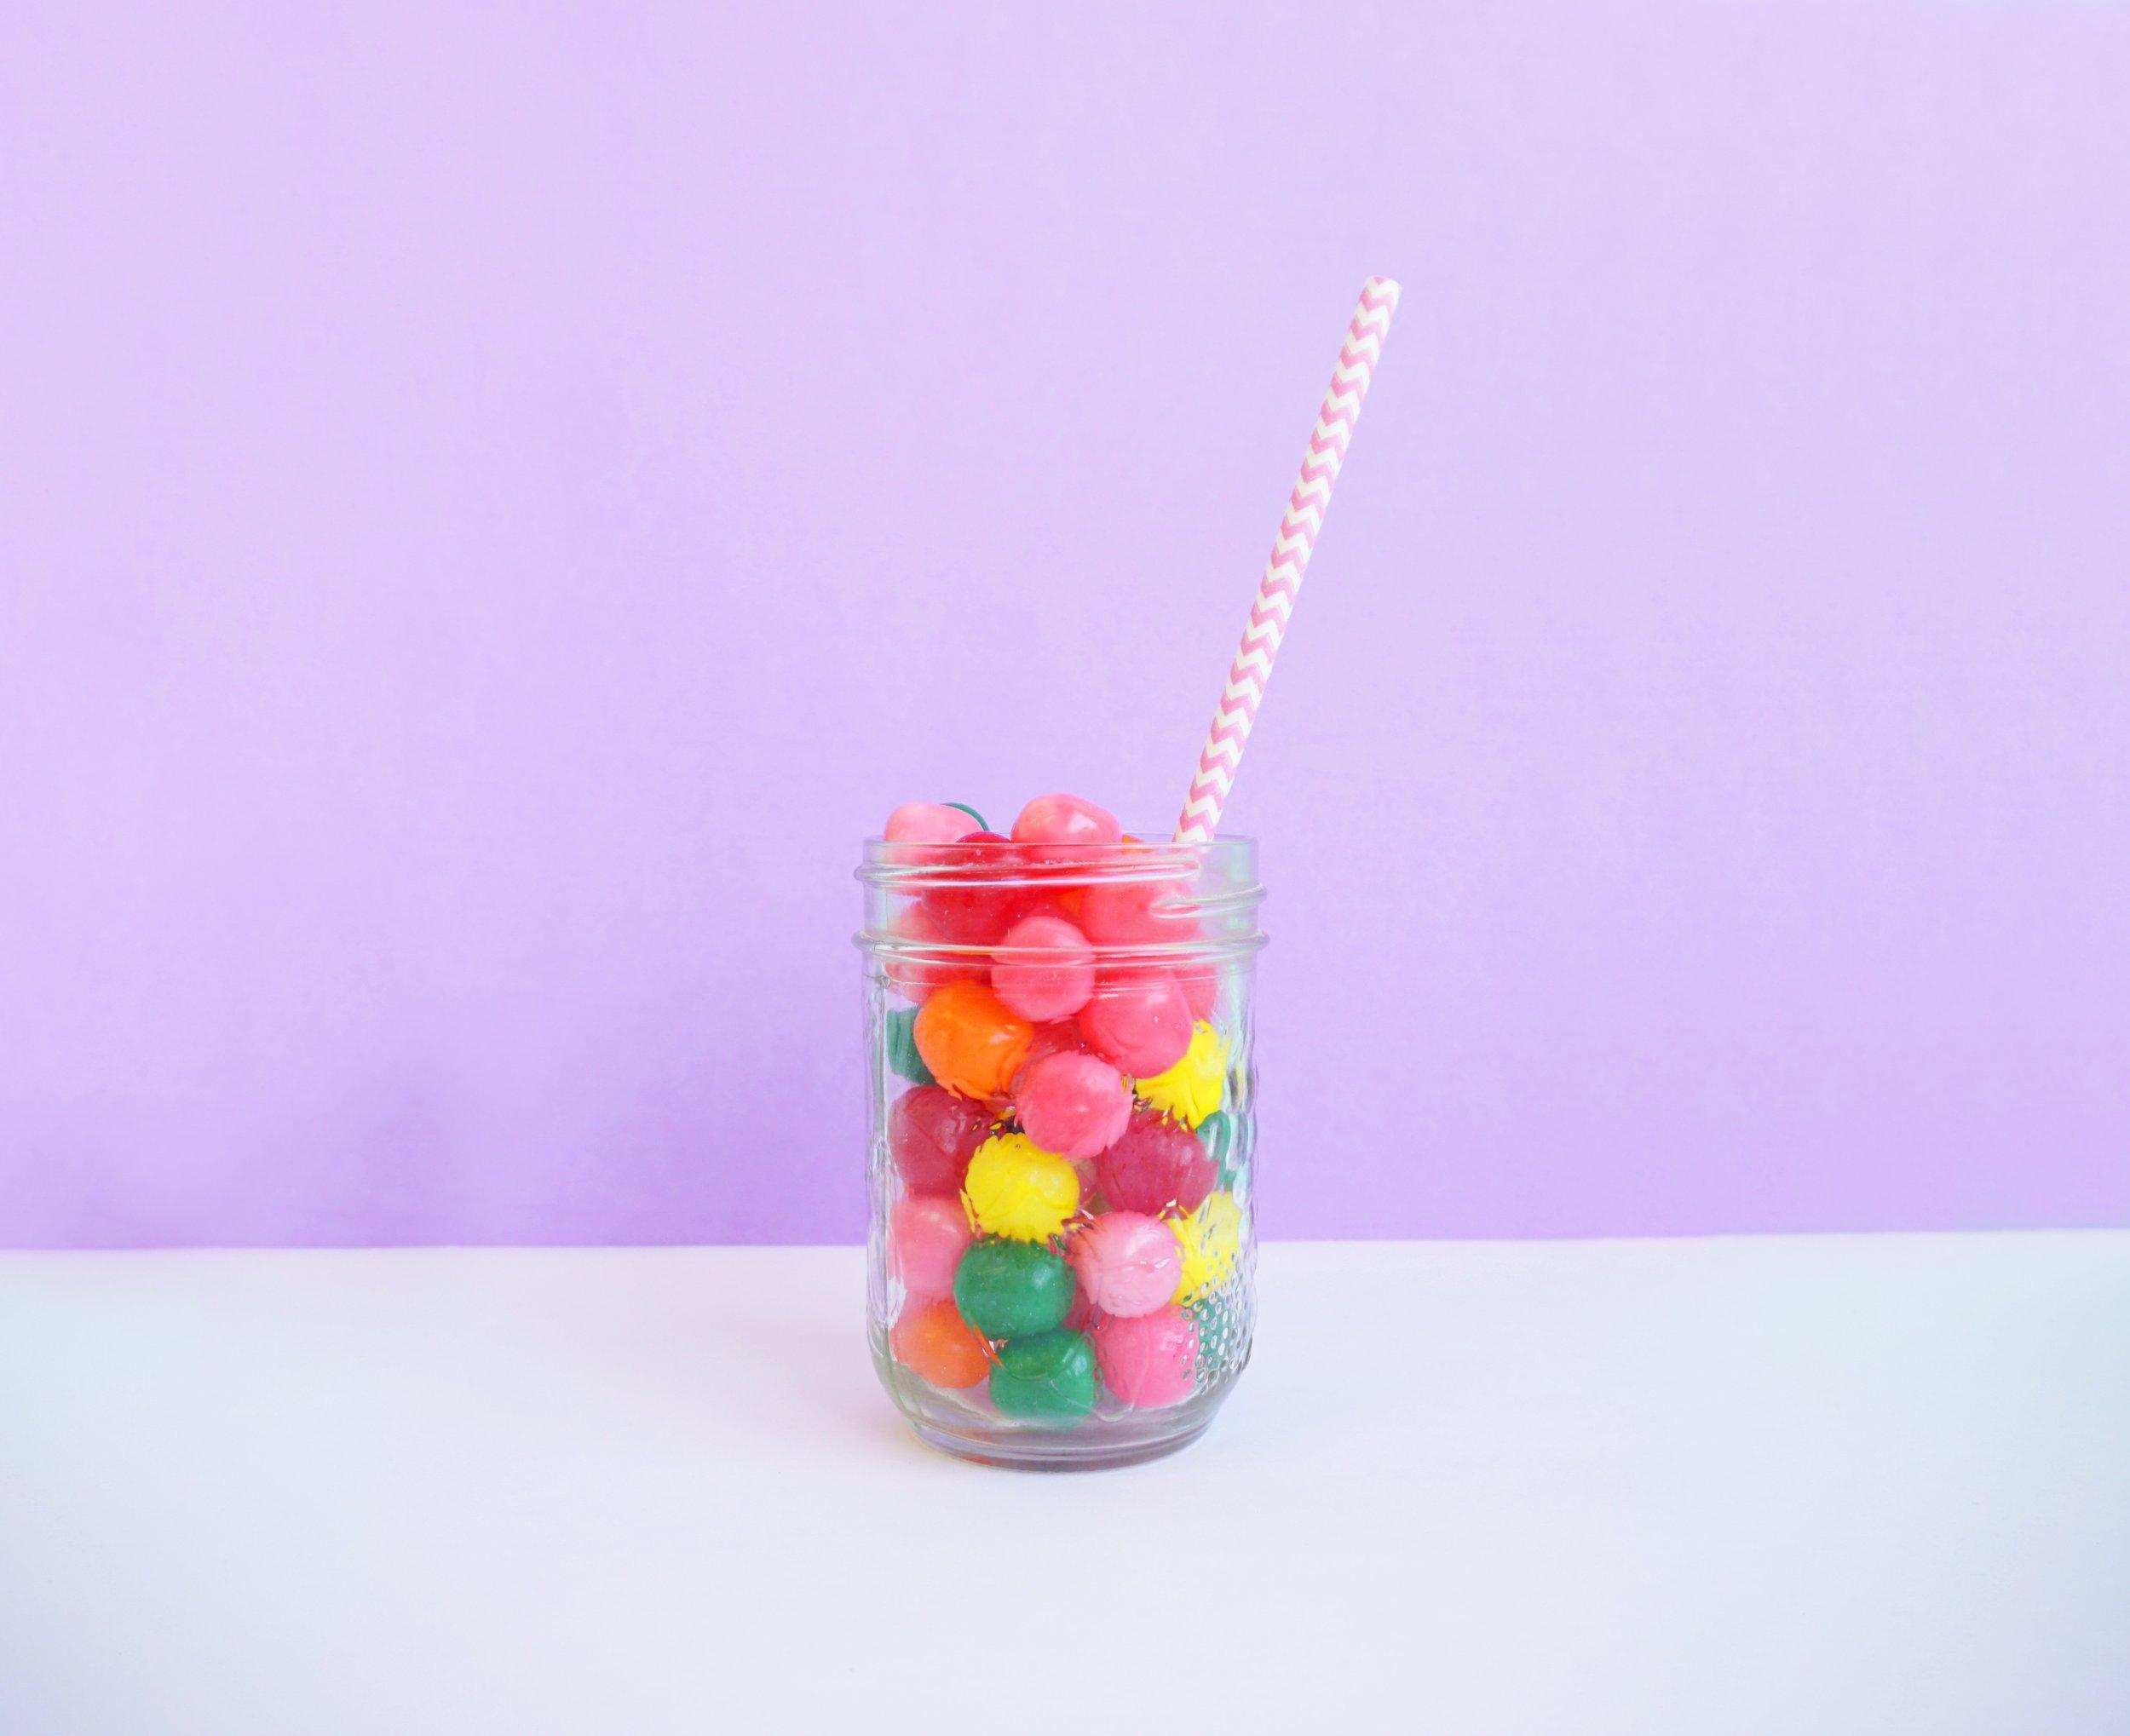 Does Sugar Feed Cancer? | Wholesome LLC